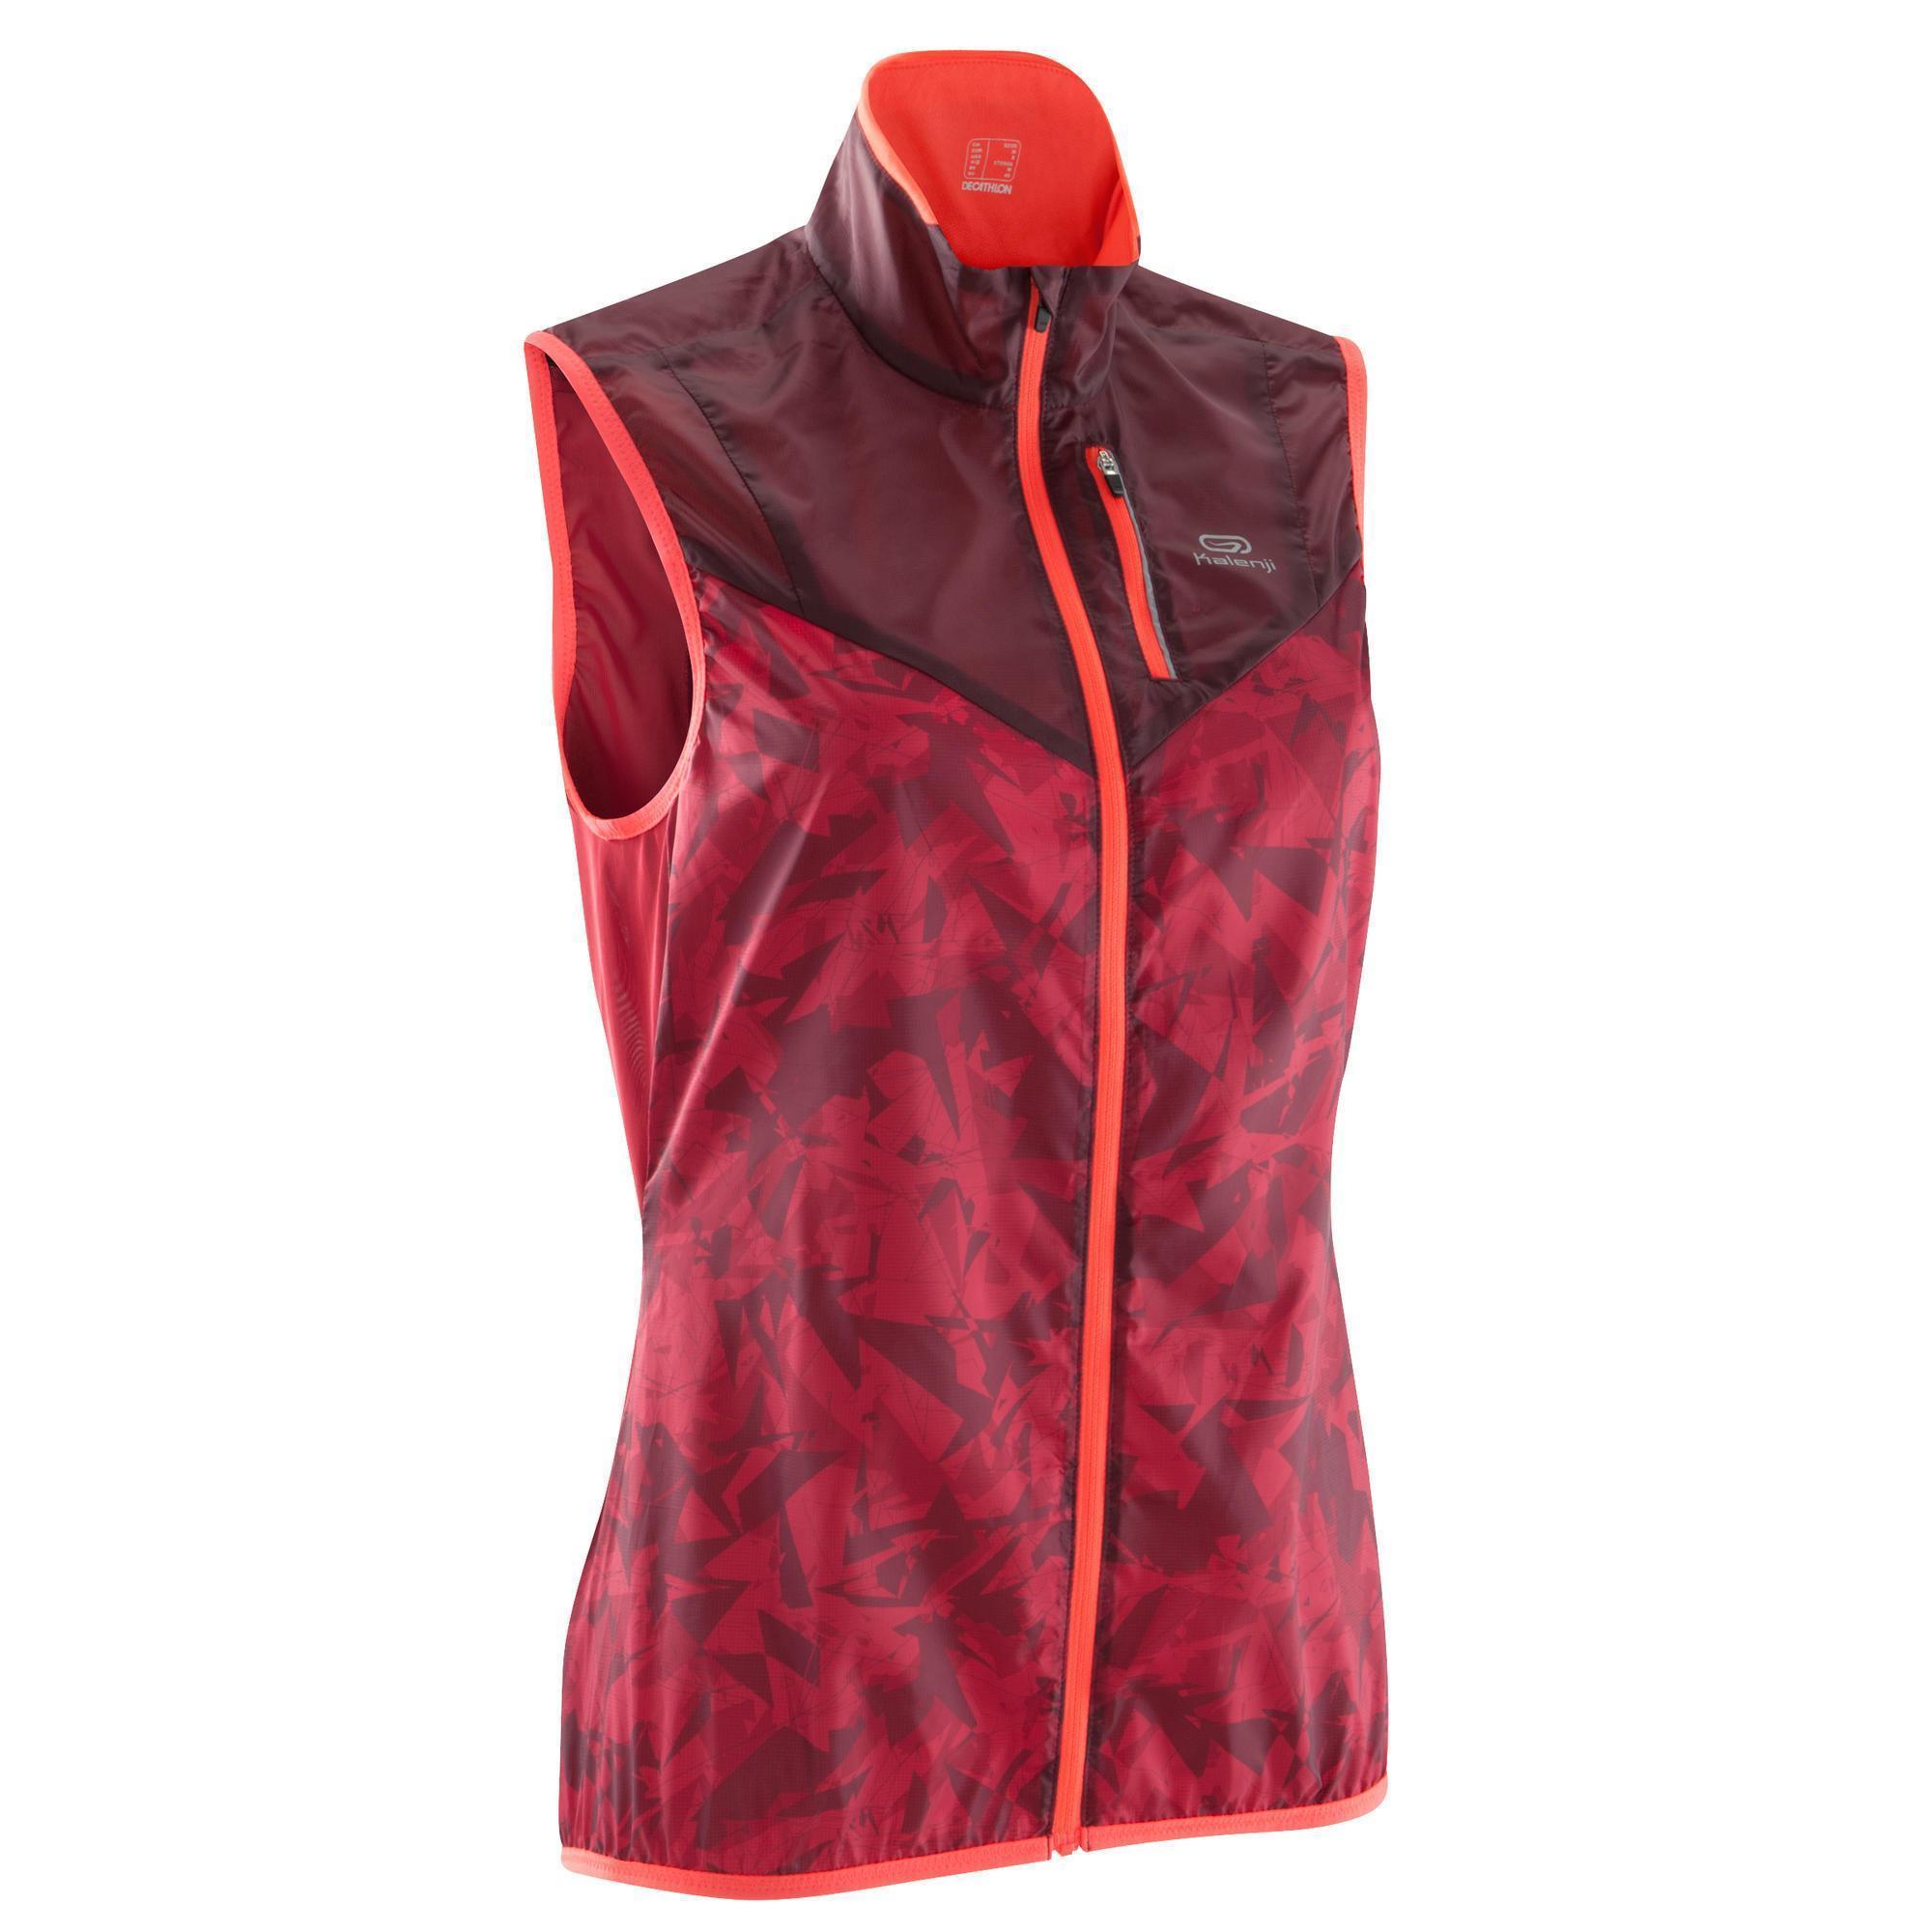 veste sans manche coupe vent trail running femme bordeaux. Black Bedroom Furniture Sets. Home Design Ideas